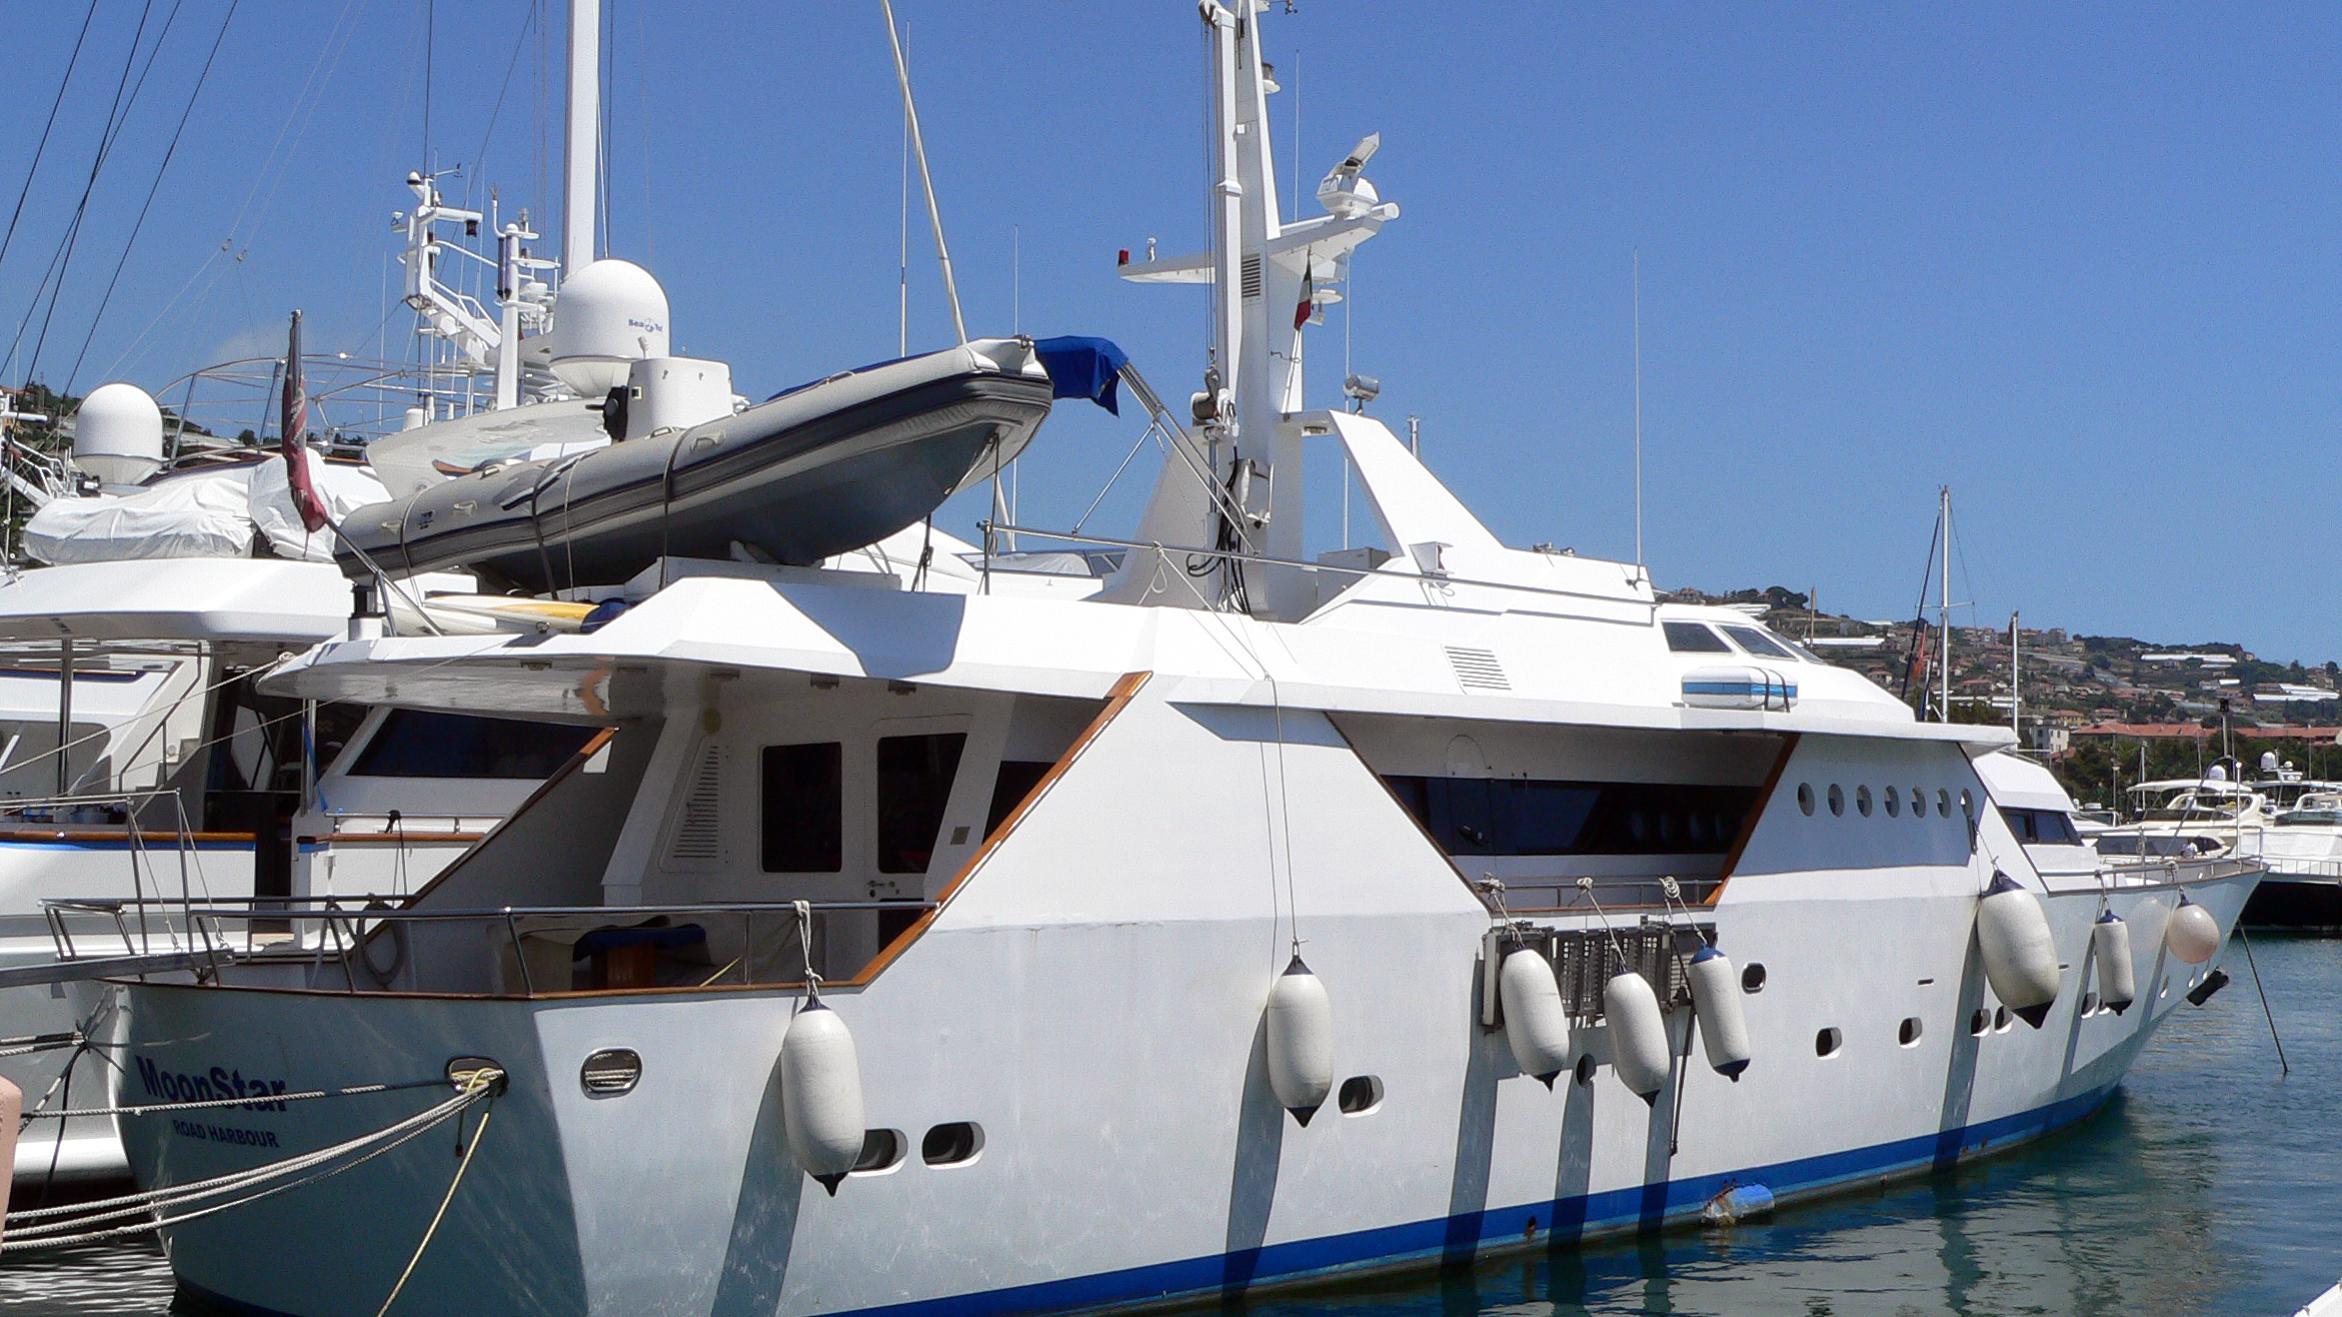 quattro-yacht-exterior